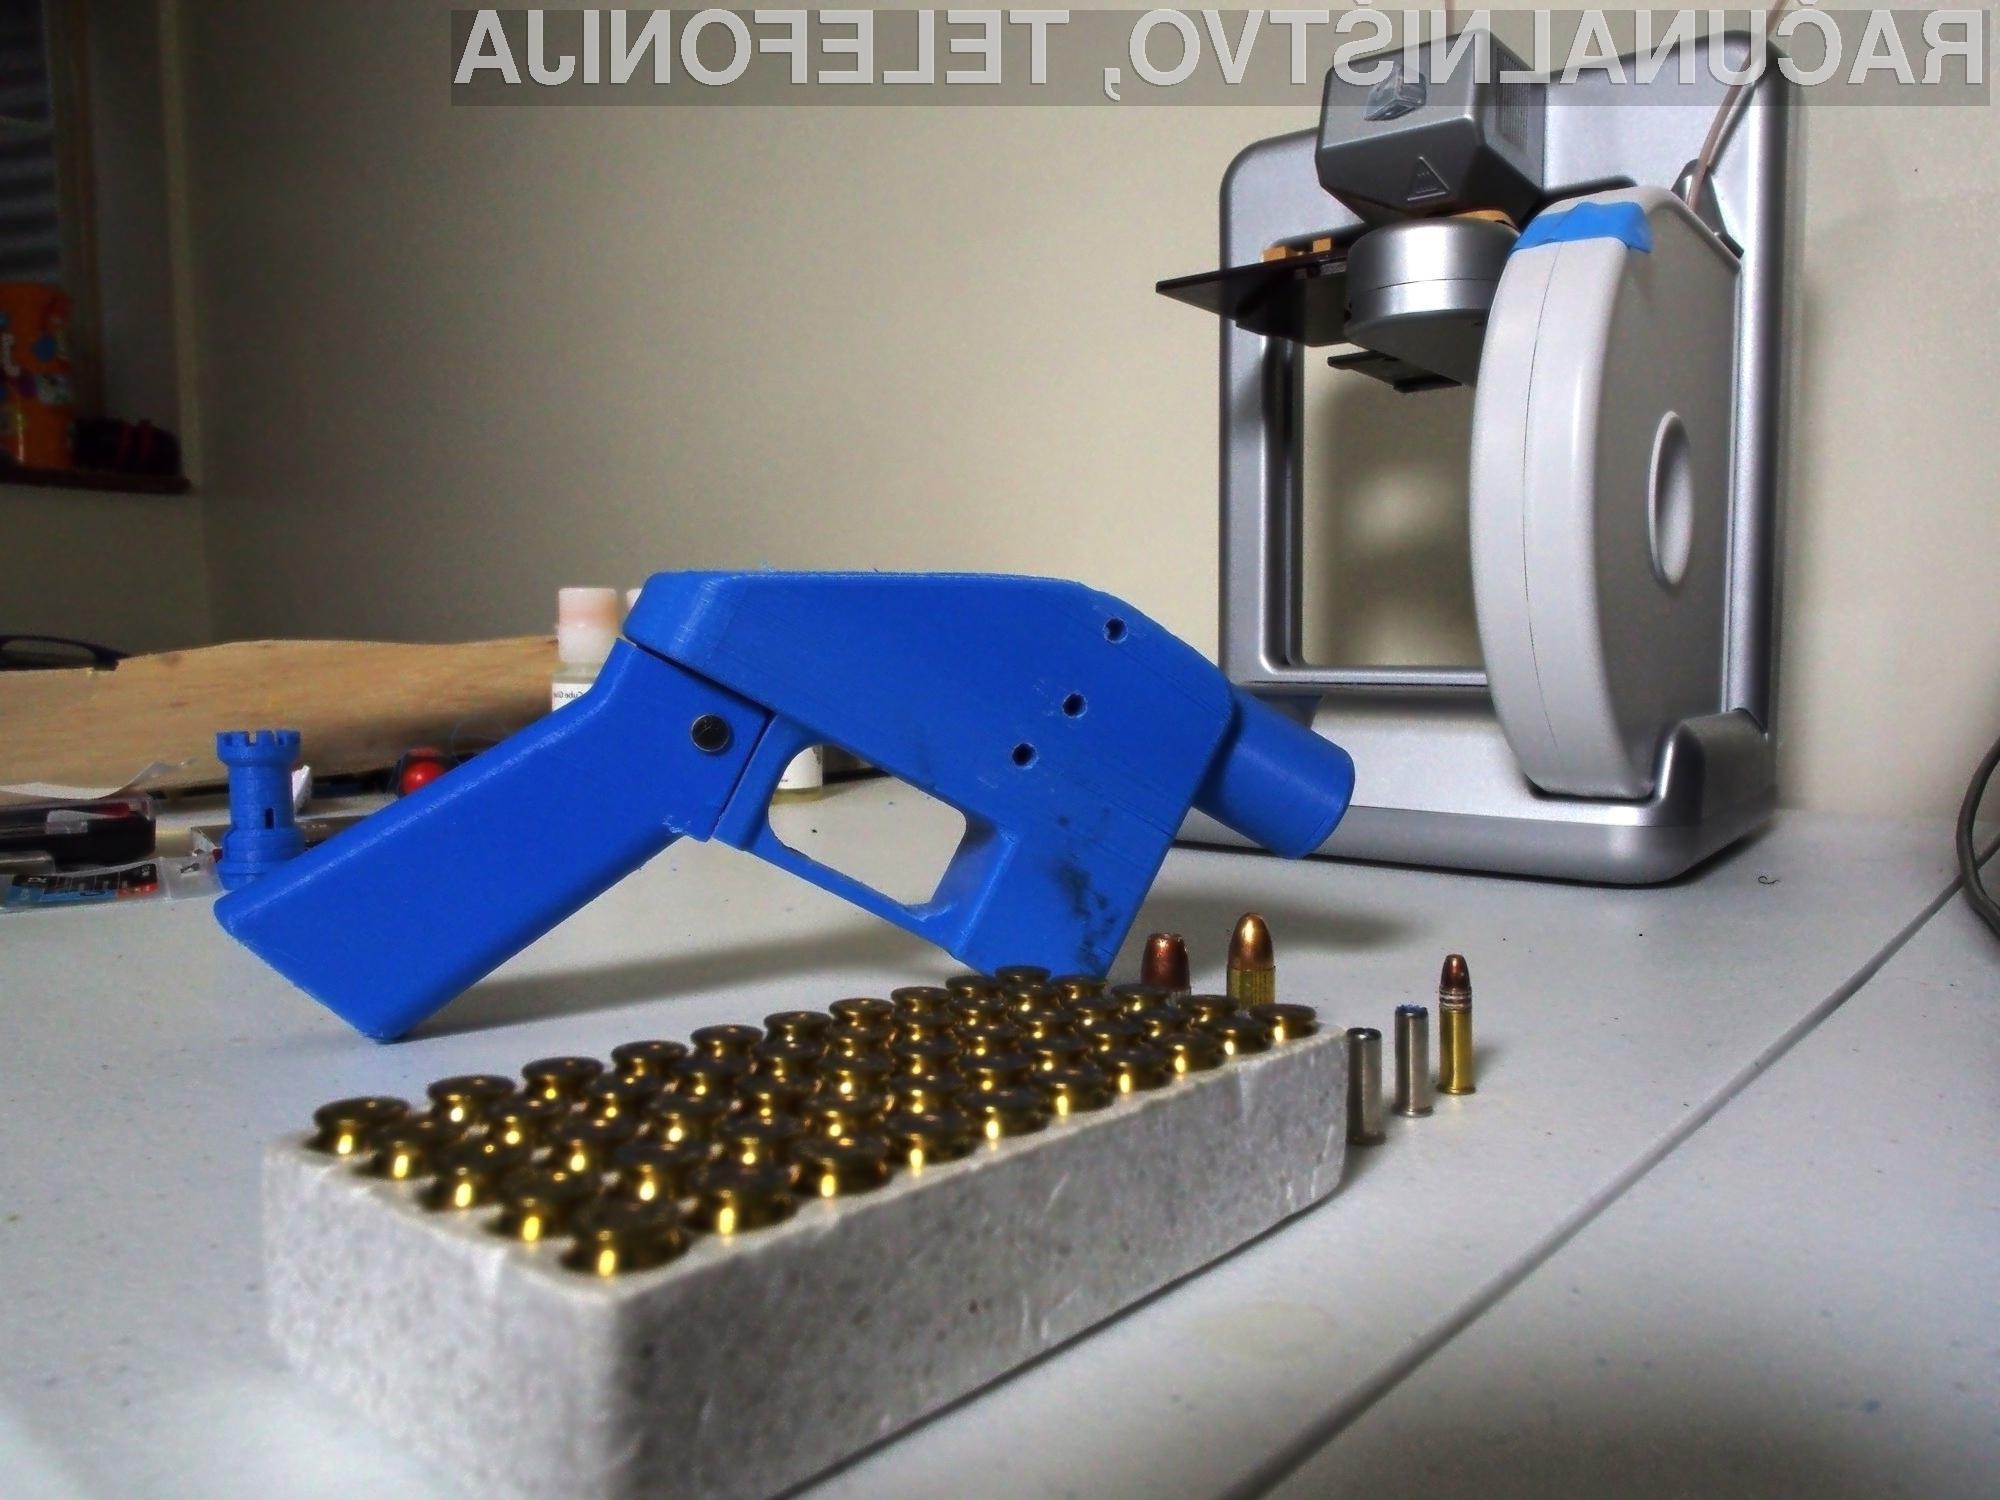 Od avgusta bo tiskanje orožja v ZDA postalo legalno!